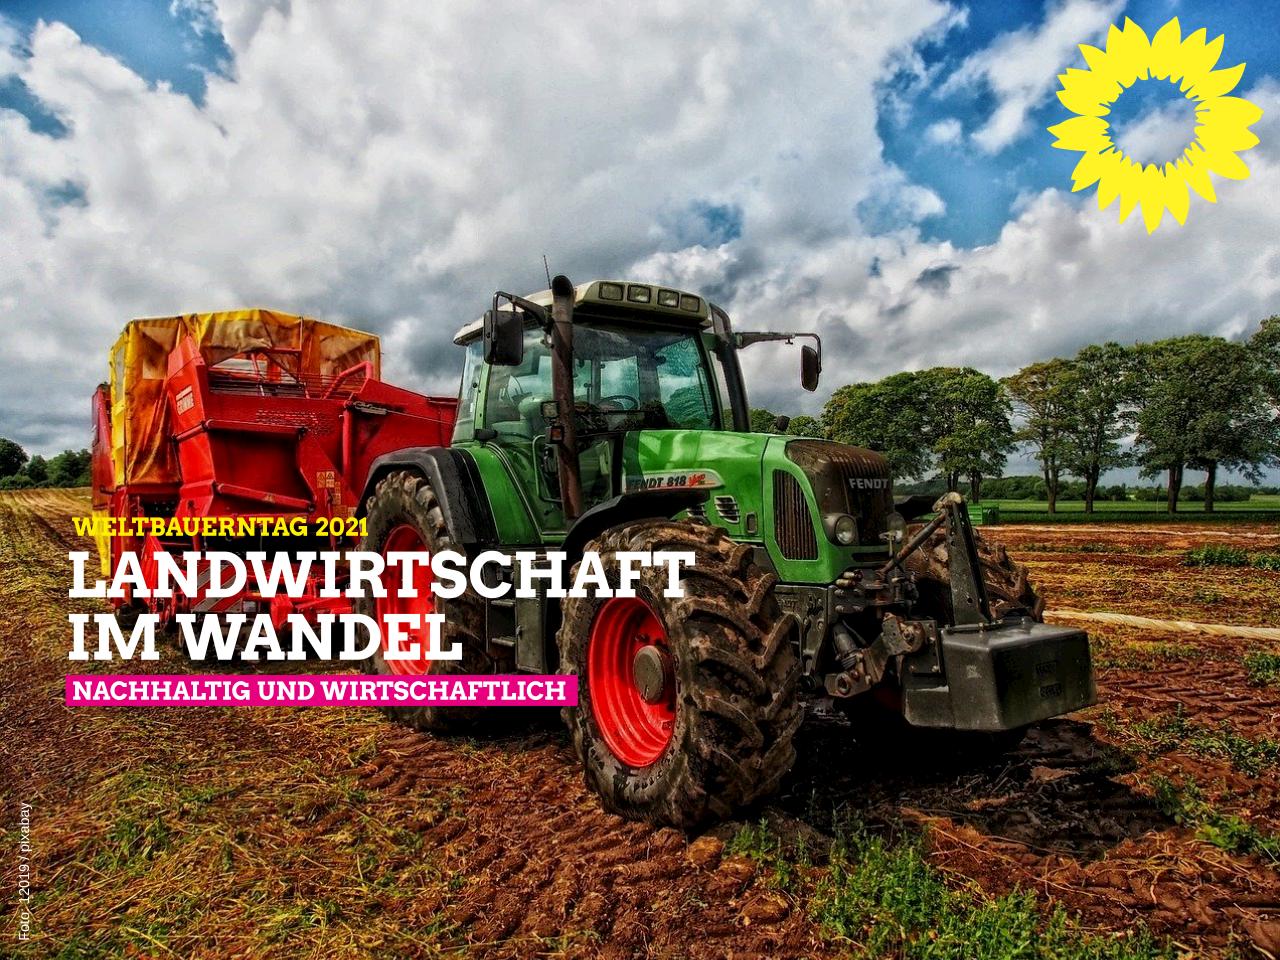 Weltbauerntag 2021 – Landwirtschaft im Wandel